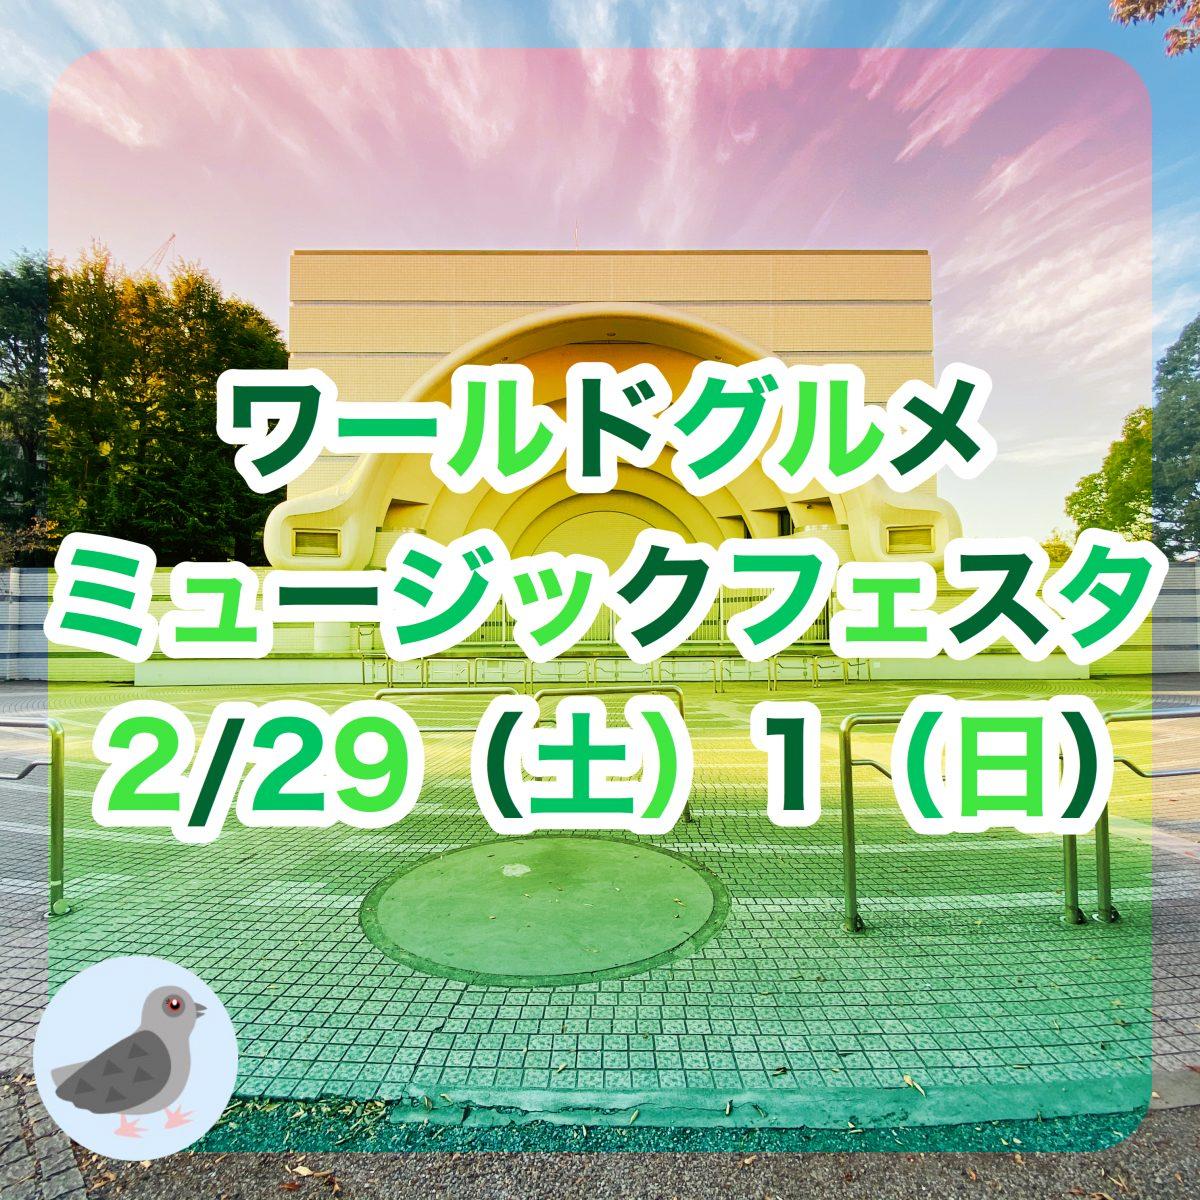 第9回ワールドグルメ & ミュージックフェスタ in 代々木公園 2020